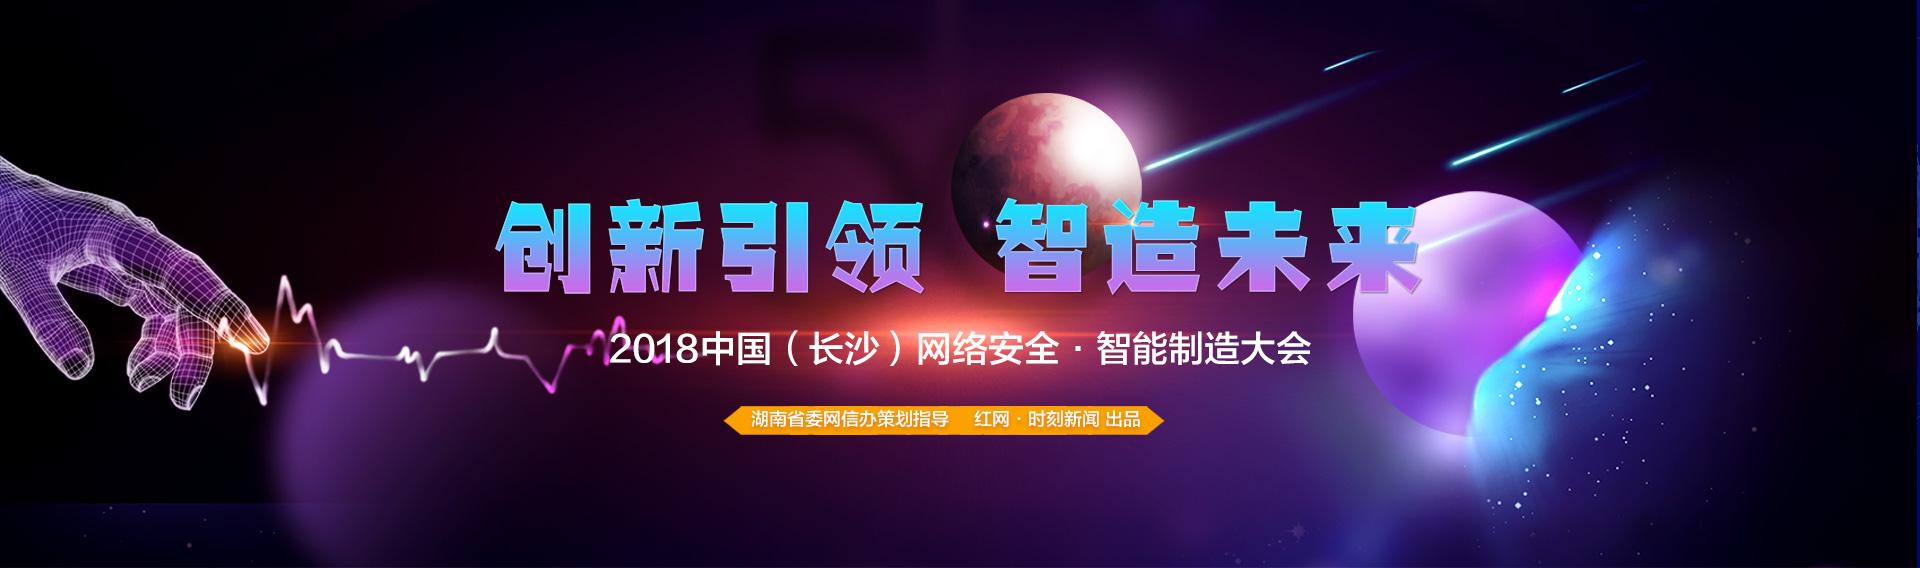 中国(长沙)网络安全·智能制造大会召开